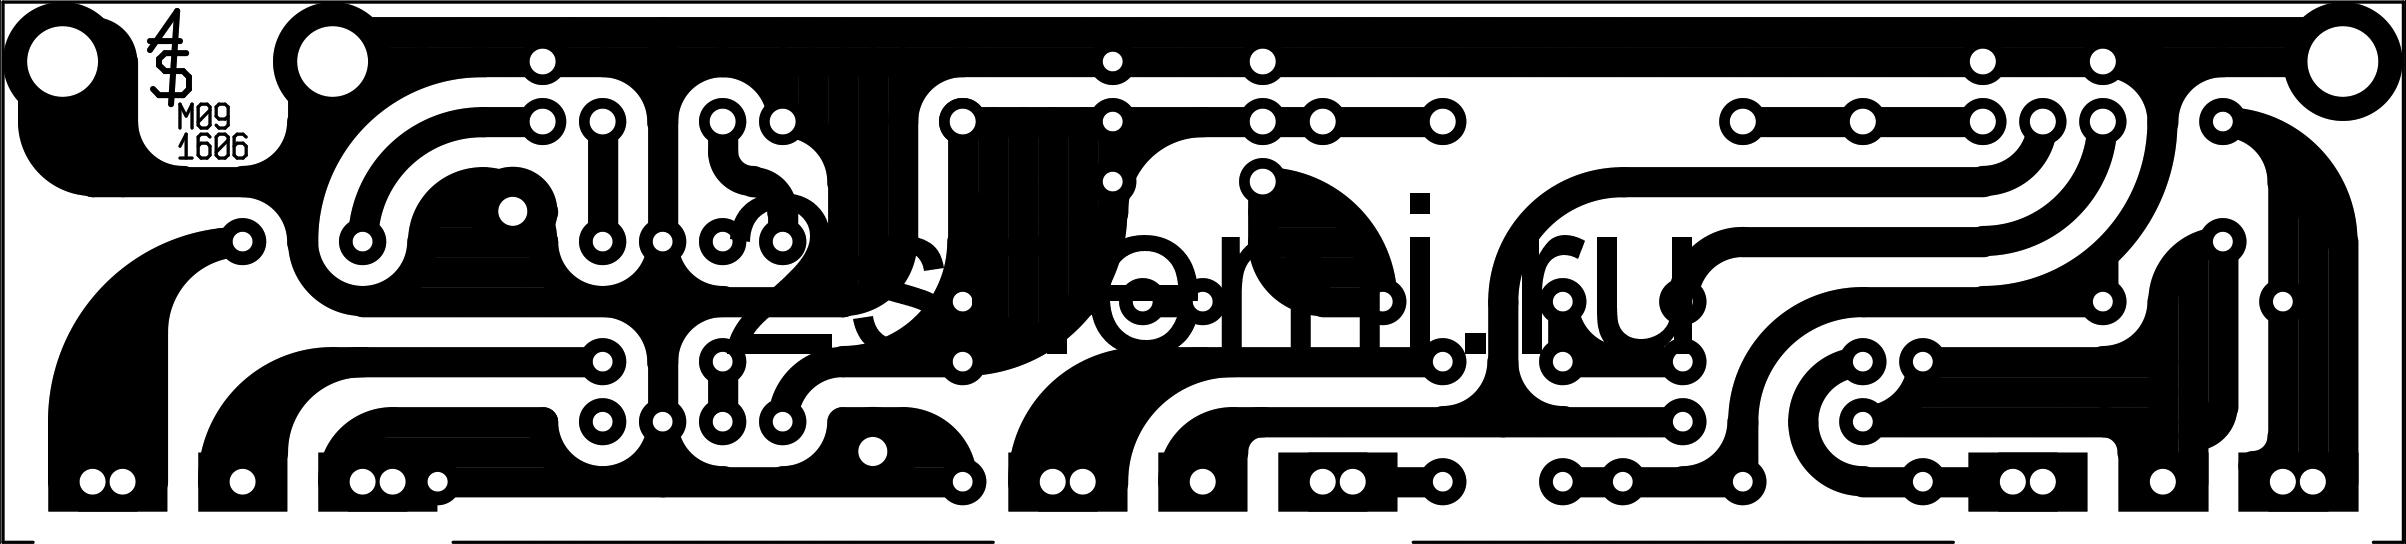 Гитарный комбик с питанием от аккумуляторов - схема и корпус